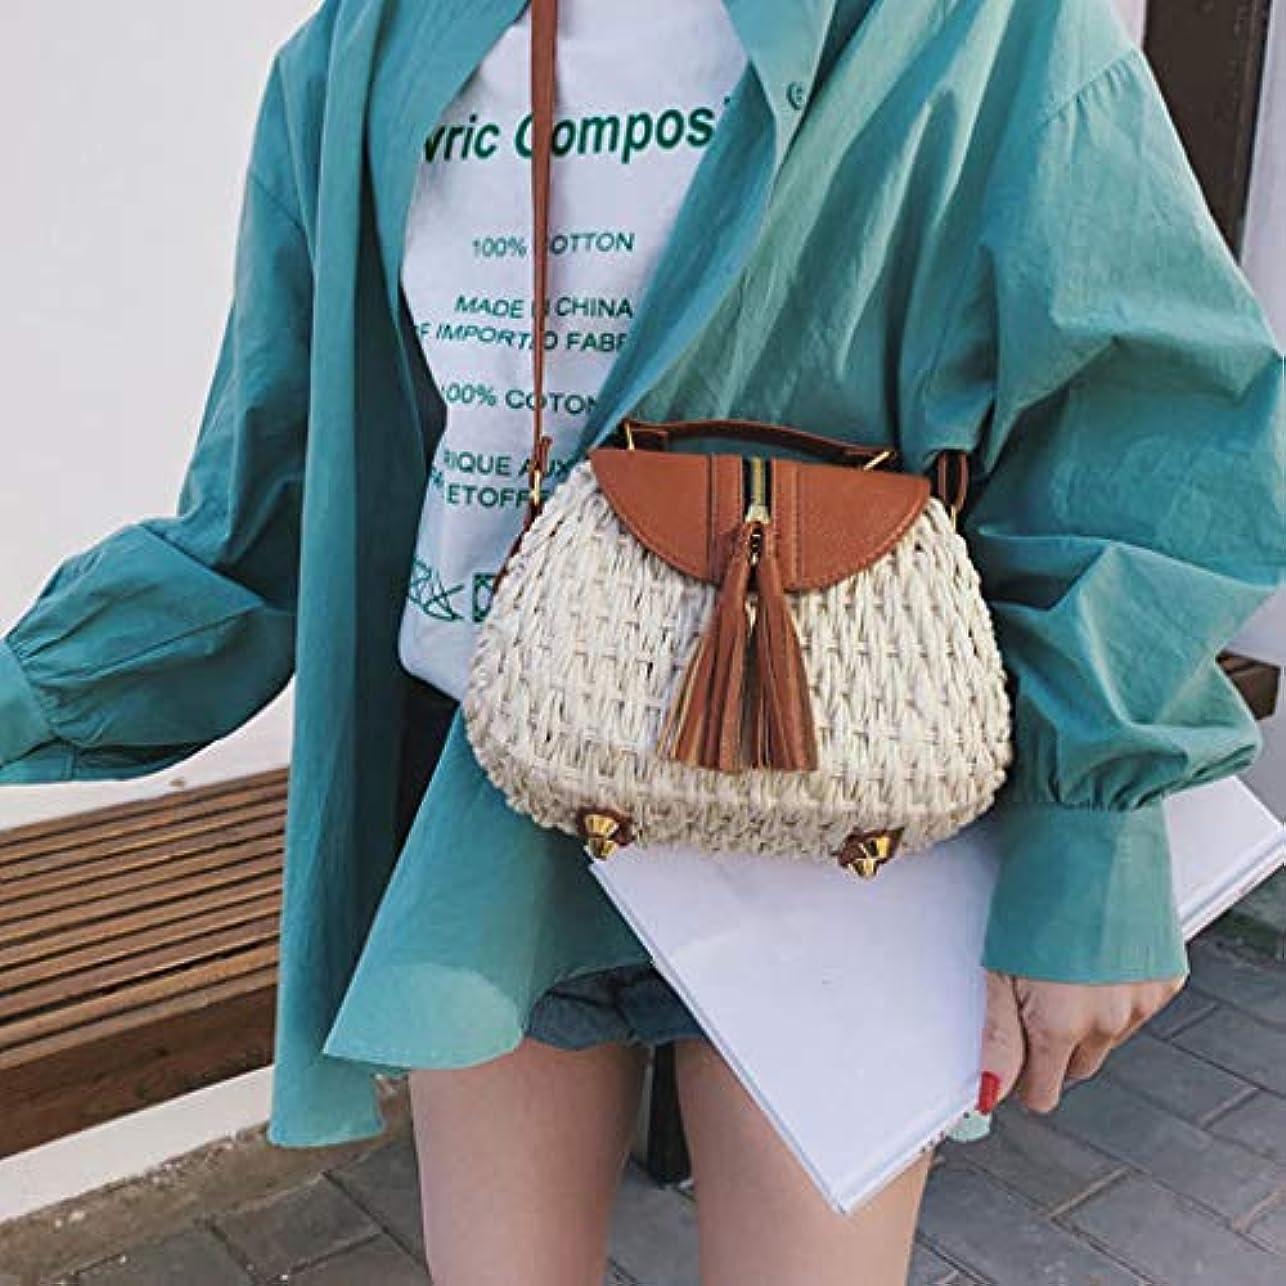 識別するハブアカウント女性の流行のタッセルはショルダー?バッグ、女性浜の余暇のクロスボディ袋を織ります、女性のタッセルは浜様式のメッセンジャー袋を織ります、女性方法対照色のビーチ様式のメッセンジャー袋 (ベージュ)